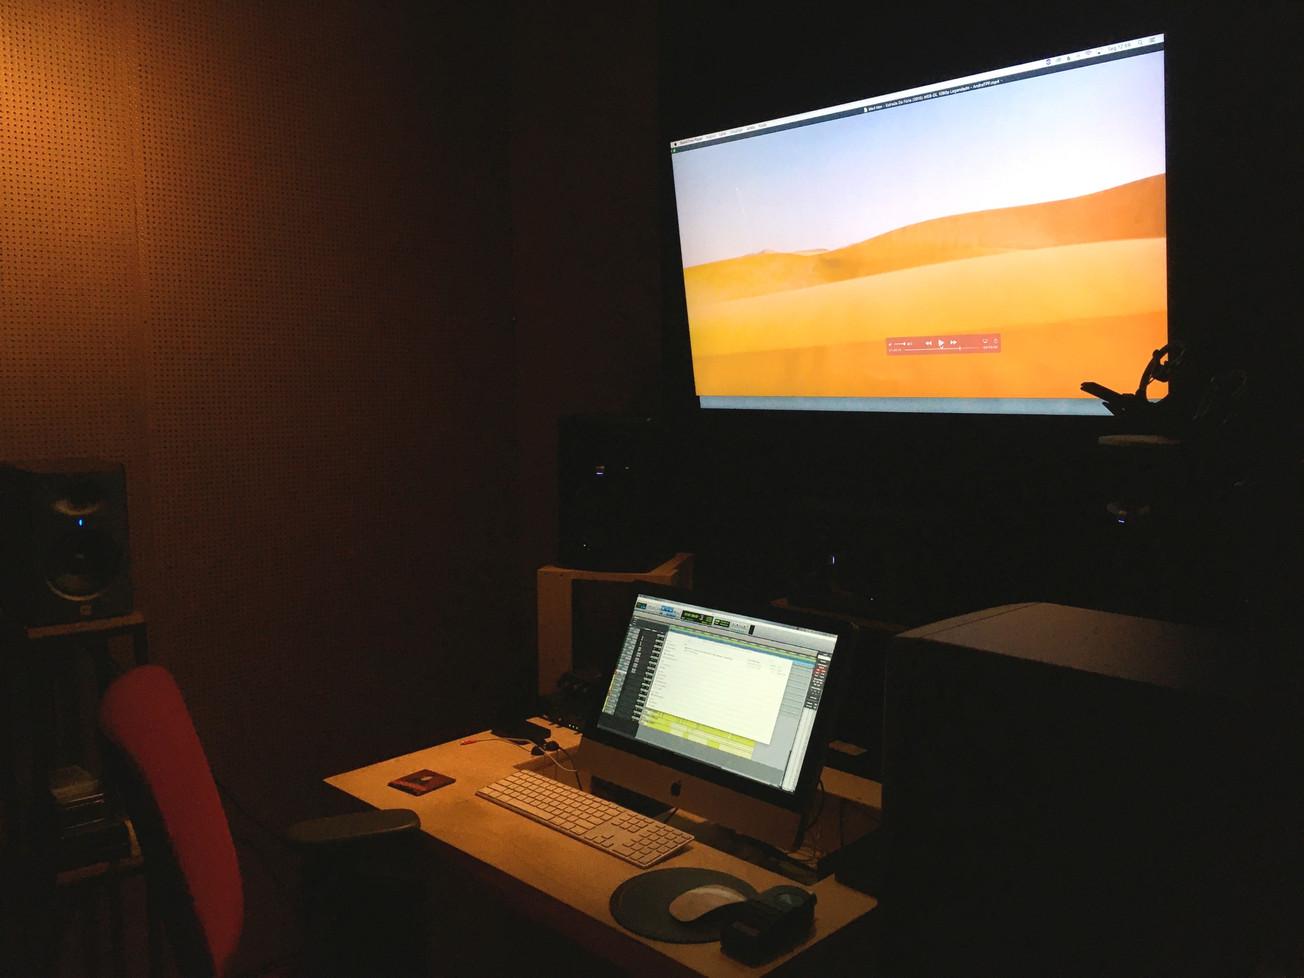 estúdio de edição de som e mixagem para televisão em Fortaleza. sistema 5.1 JBL e protools 2020